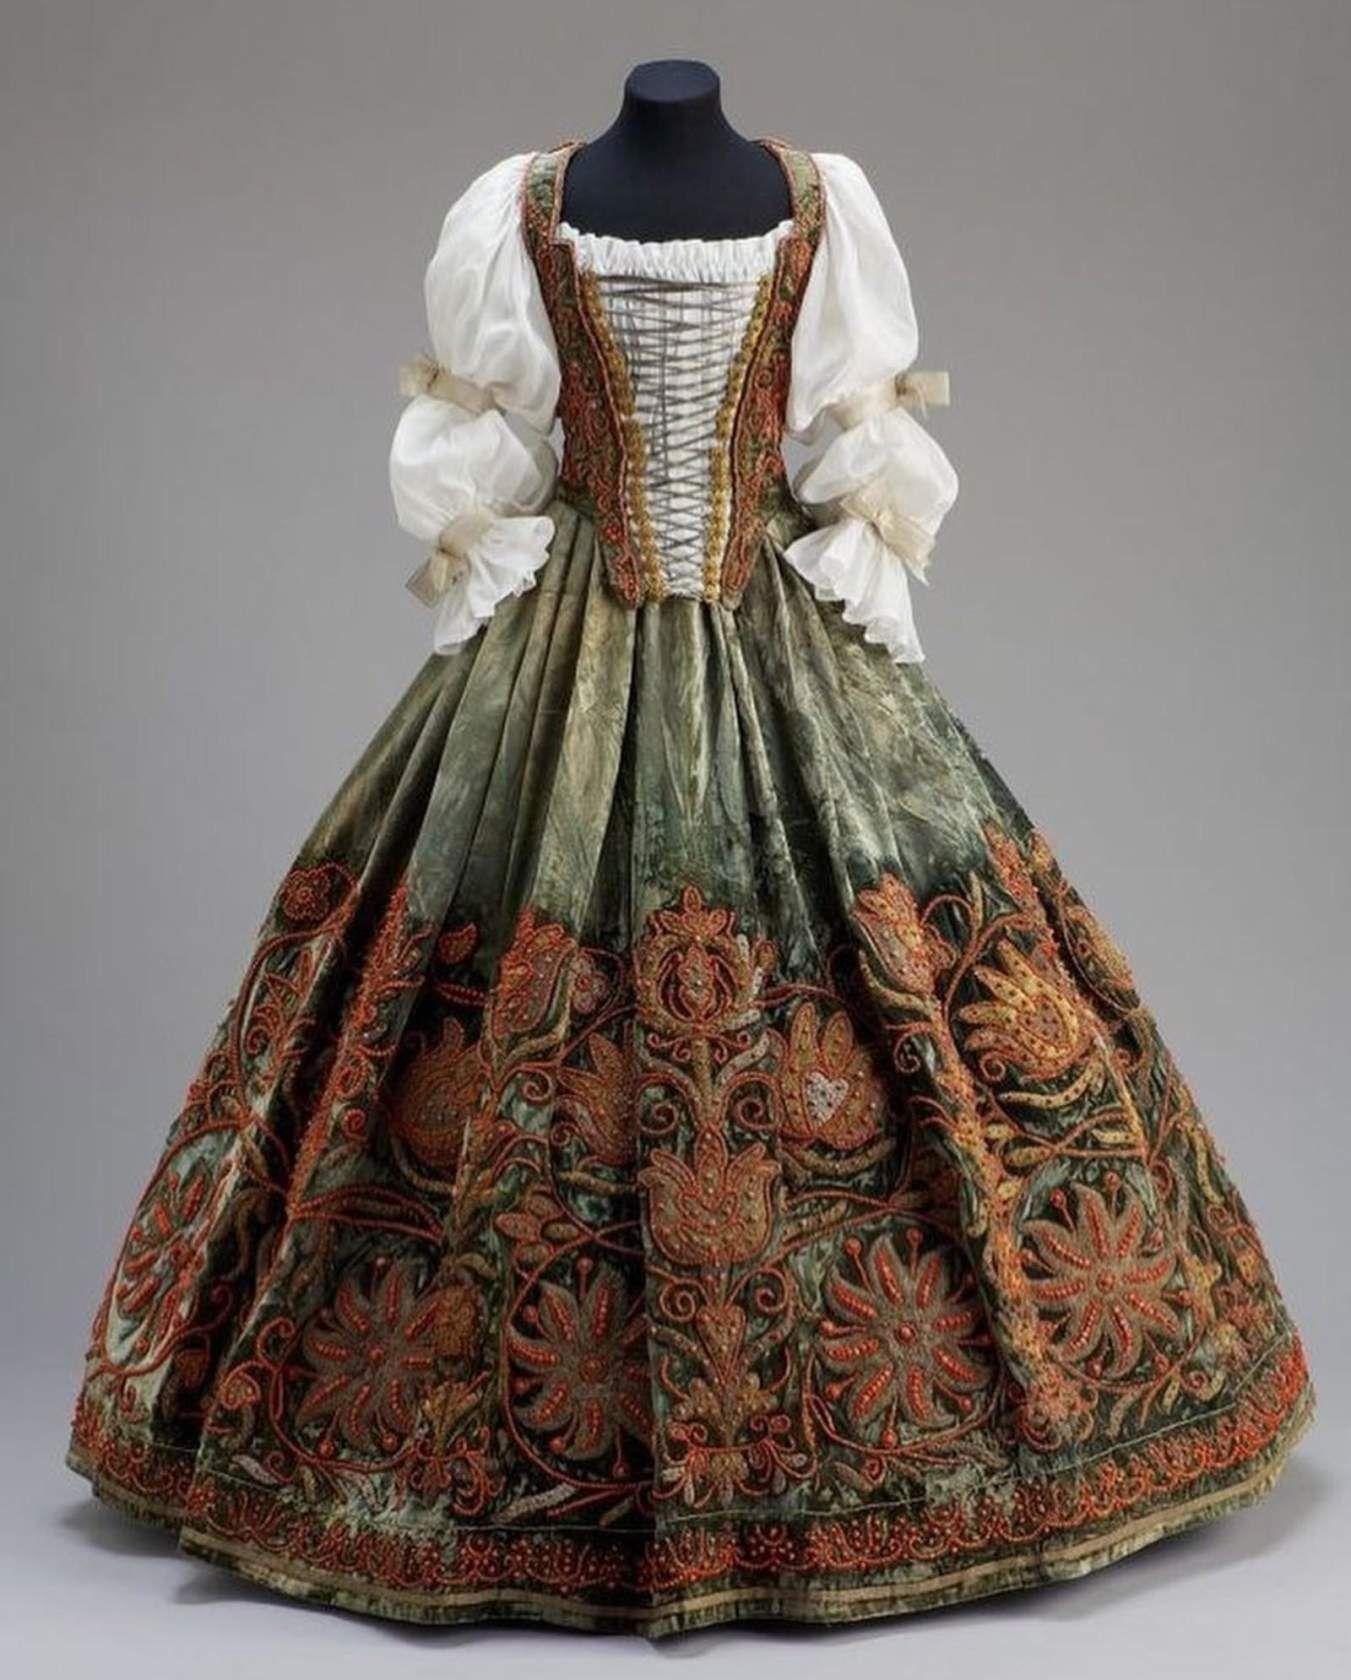 КРУЖЕВО НАПОКАЗ — Фото | OK.RU | Лолита, Винтажные платья ...